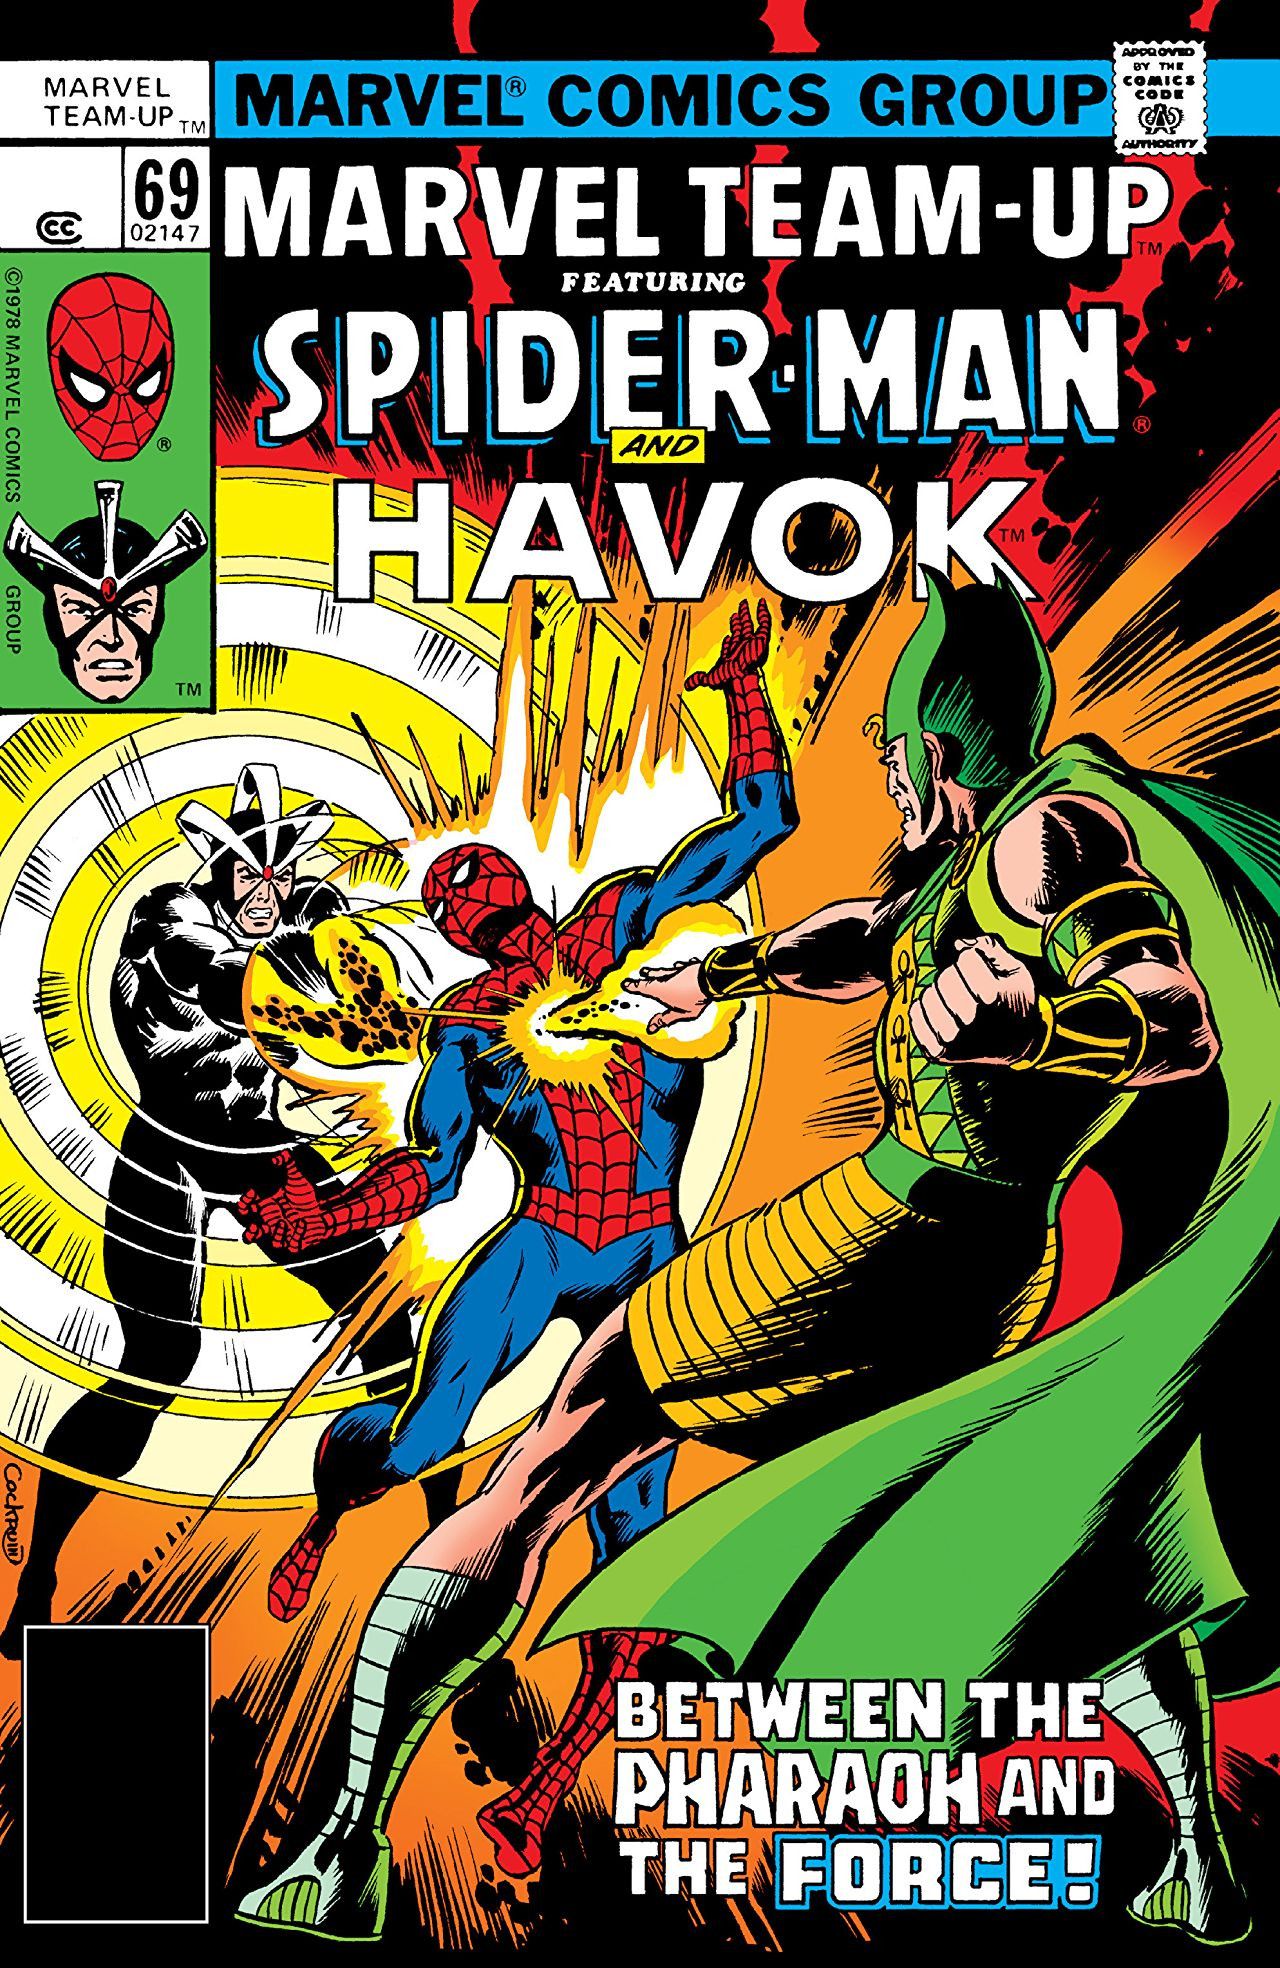 Marvel Team-Up Vol 1 69